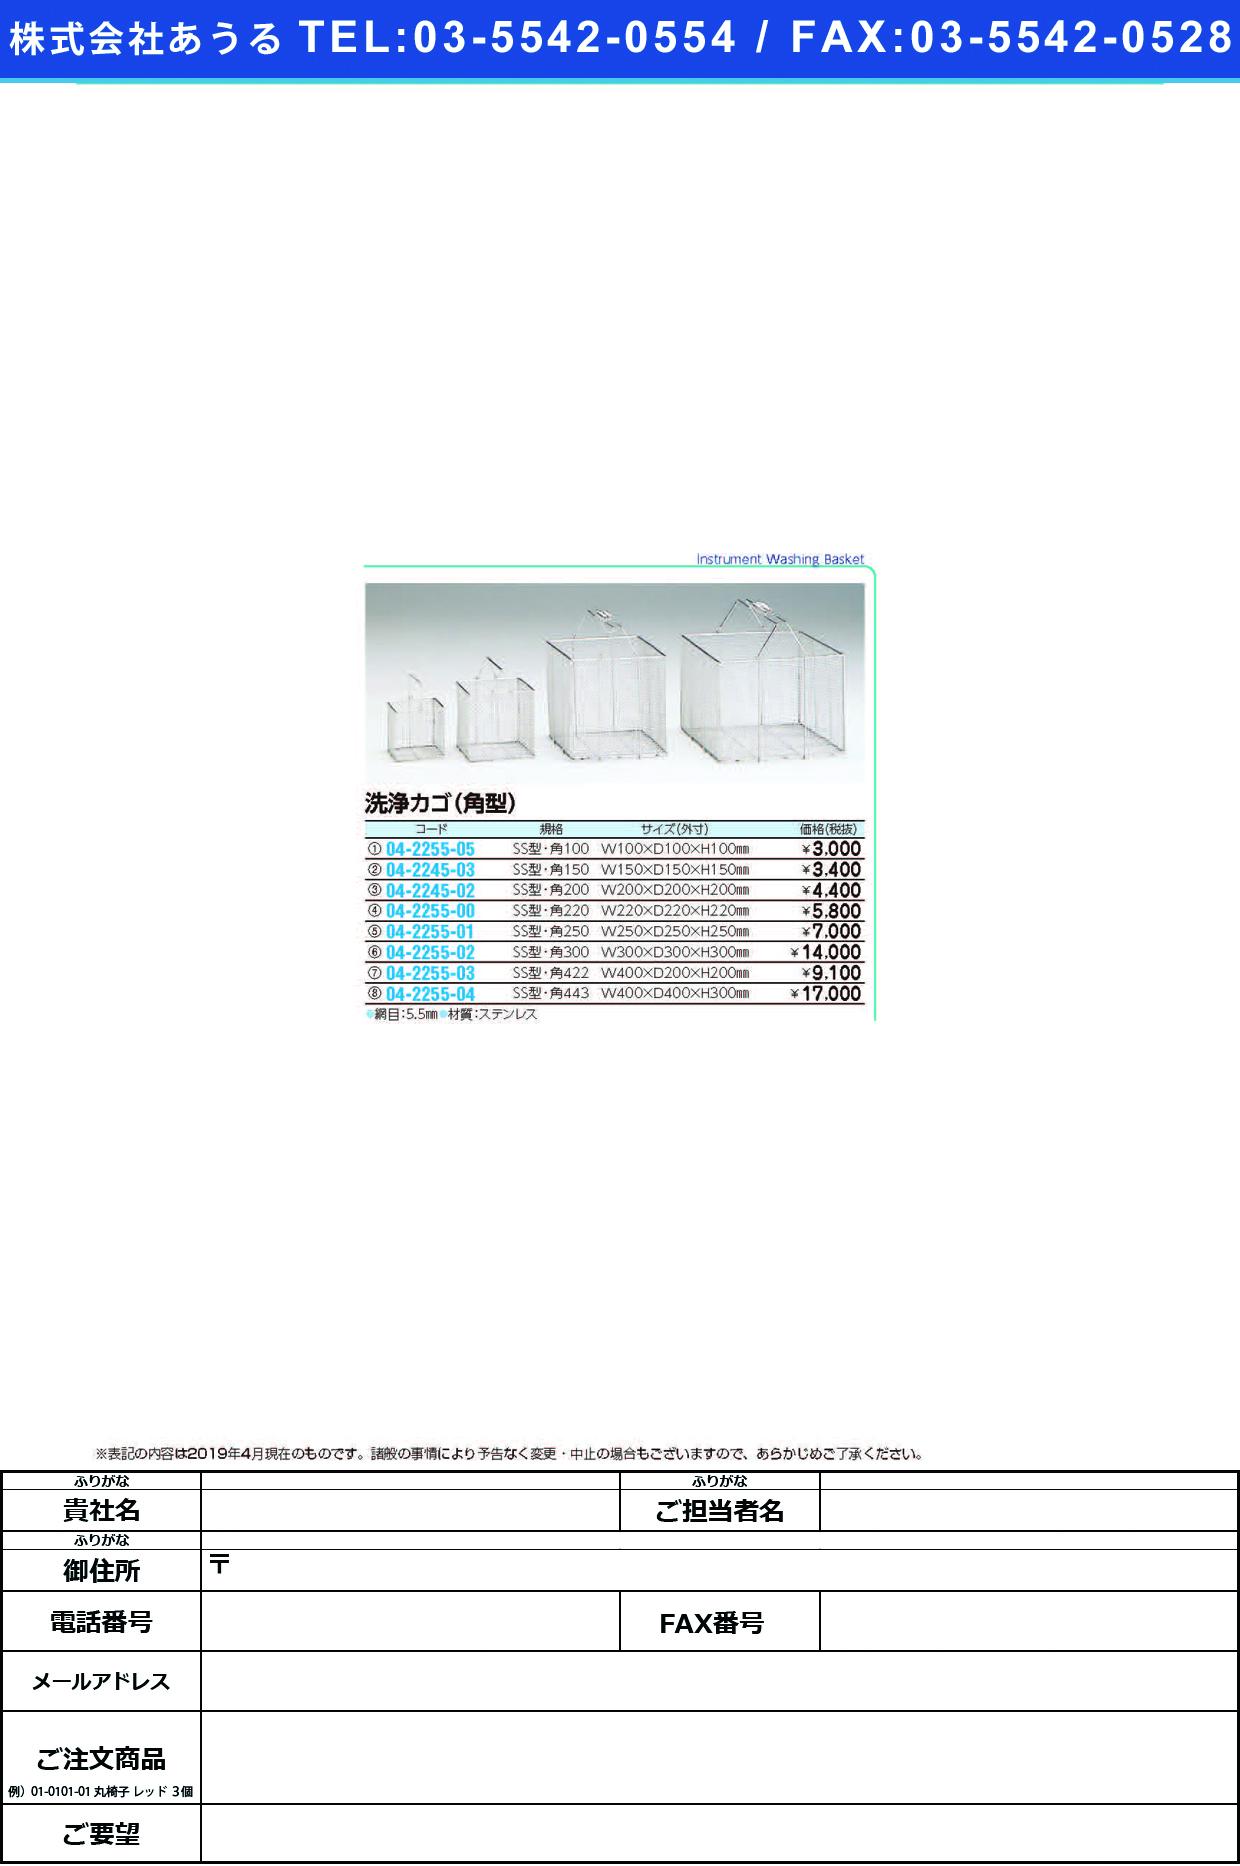 (04-2255-02)洗浄カゴ(角型)SS W300XD300XH300MM センジョウカゴ(カクガタ)SS【1個単位】【2019年カタログ商品】